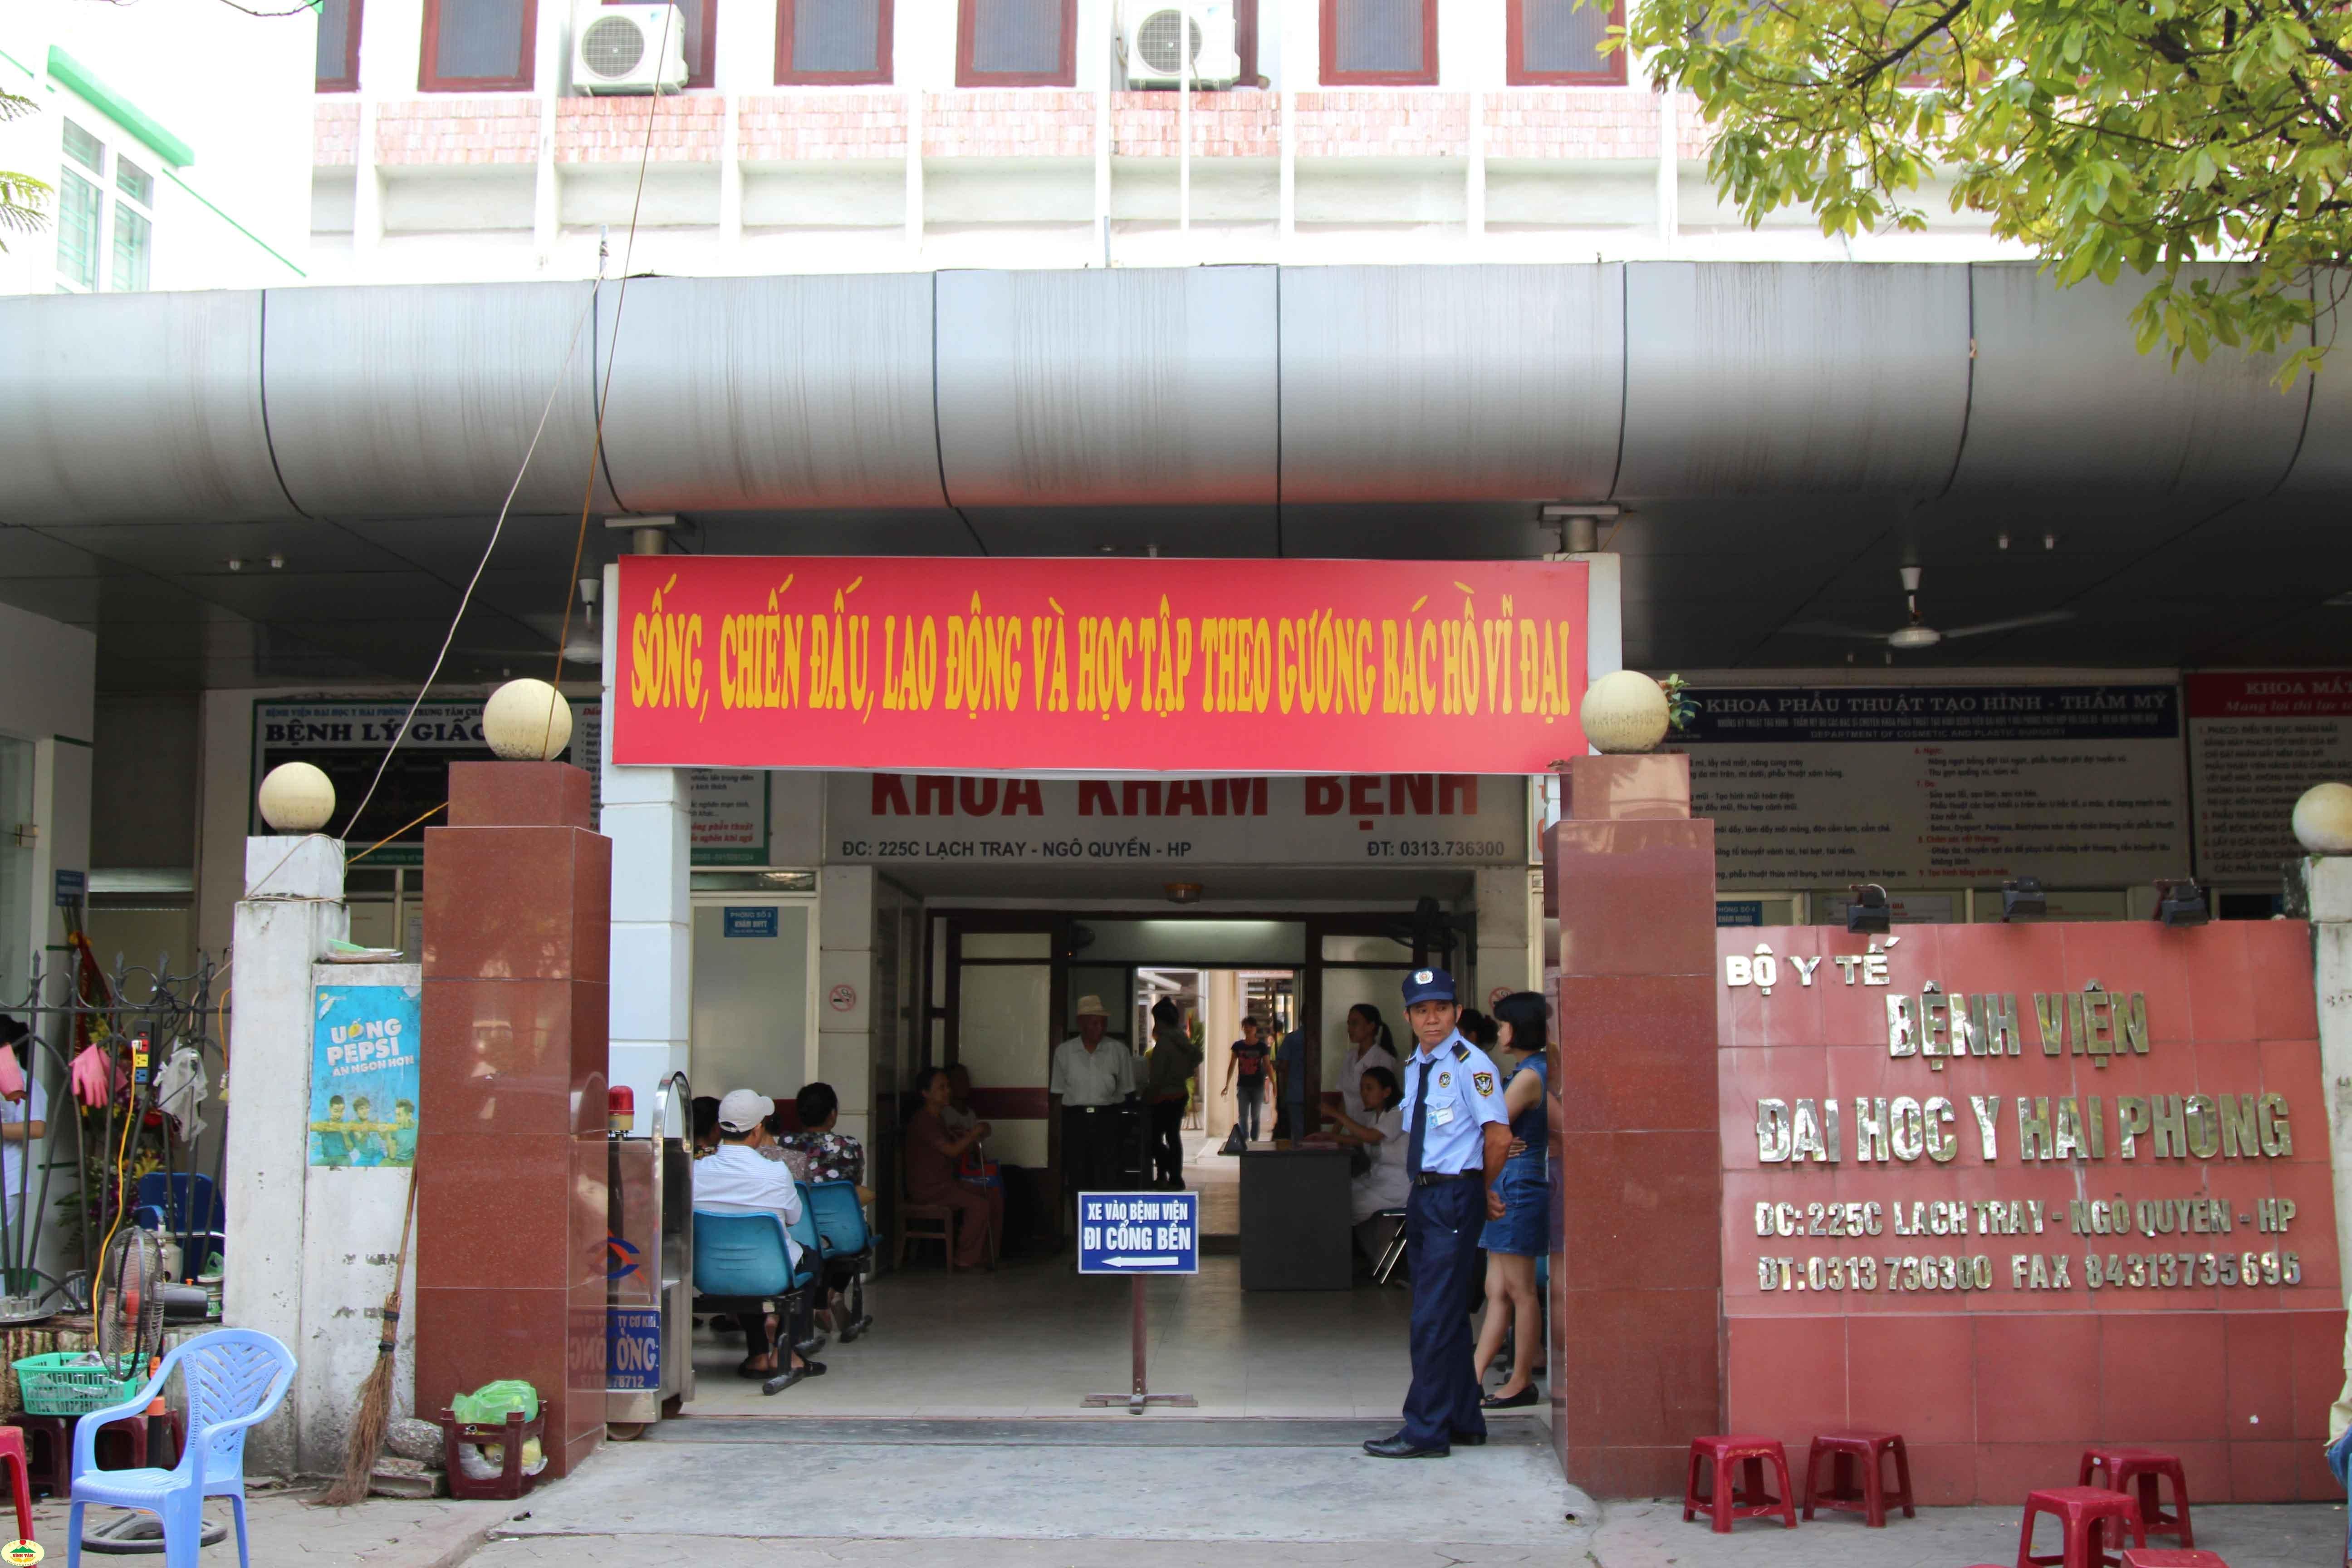 Mỹ phẩm Vĩnh Tân khai trương Spa tại BV ĐH Y Hải Phòng & BV YHCT BCA Hà Nội